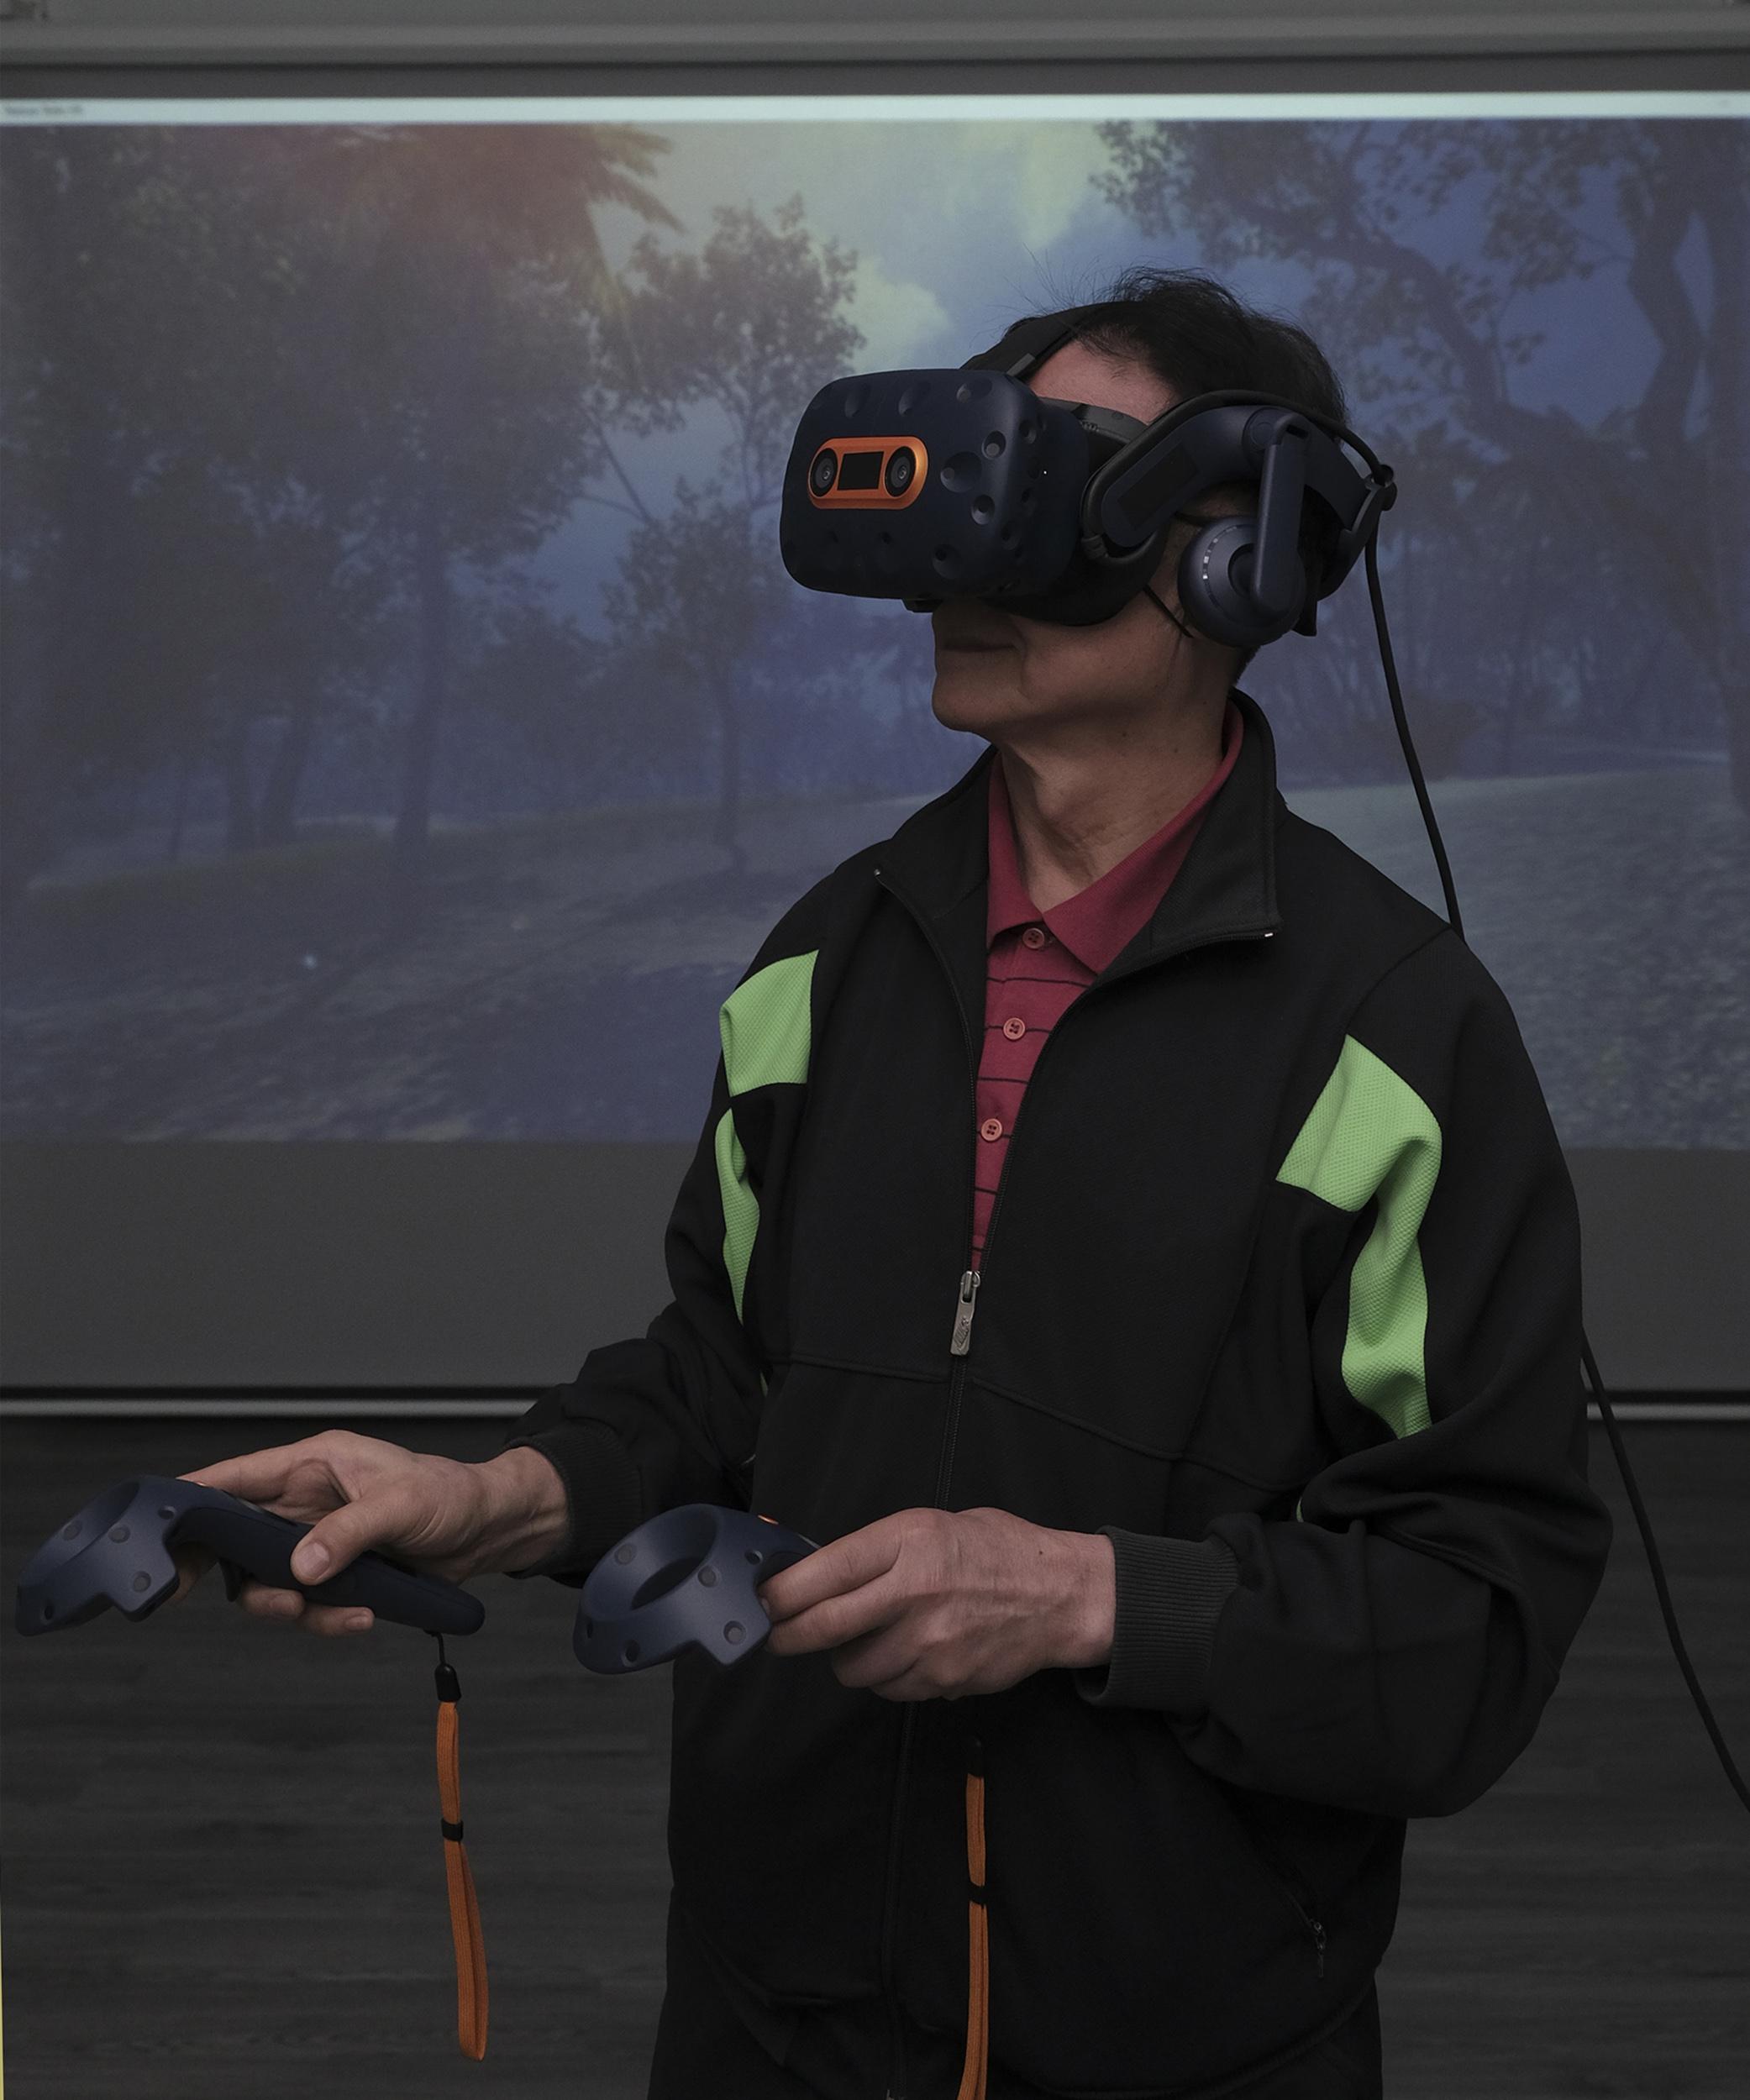 团队亦正测试运用虚拟实境(VR)游戏,以增加训练的趣味性,帮助长者缓解痛症。